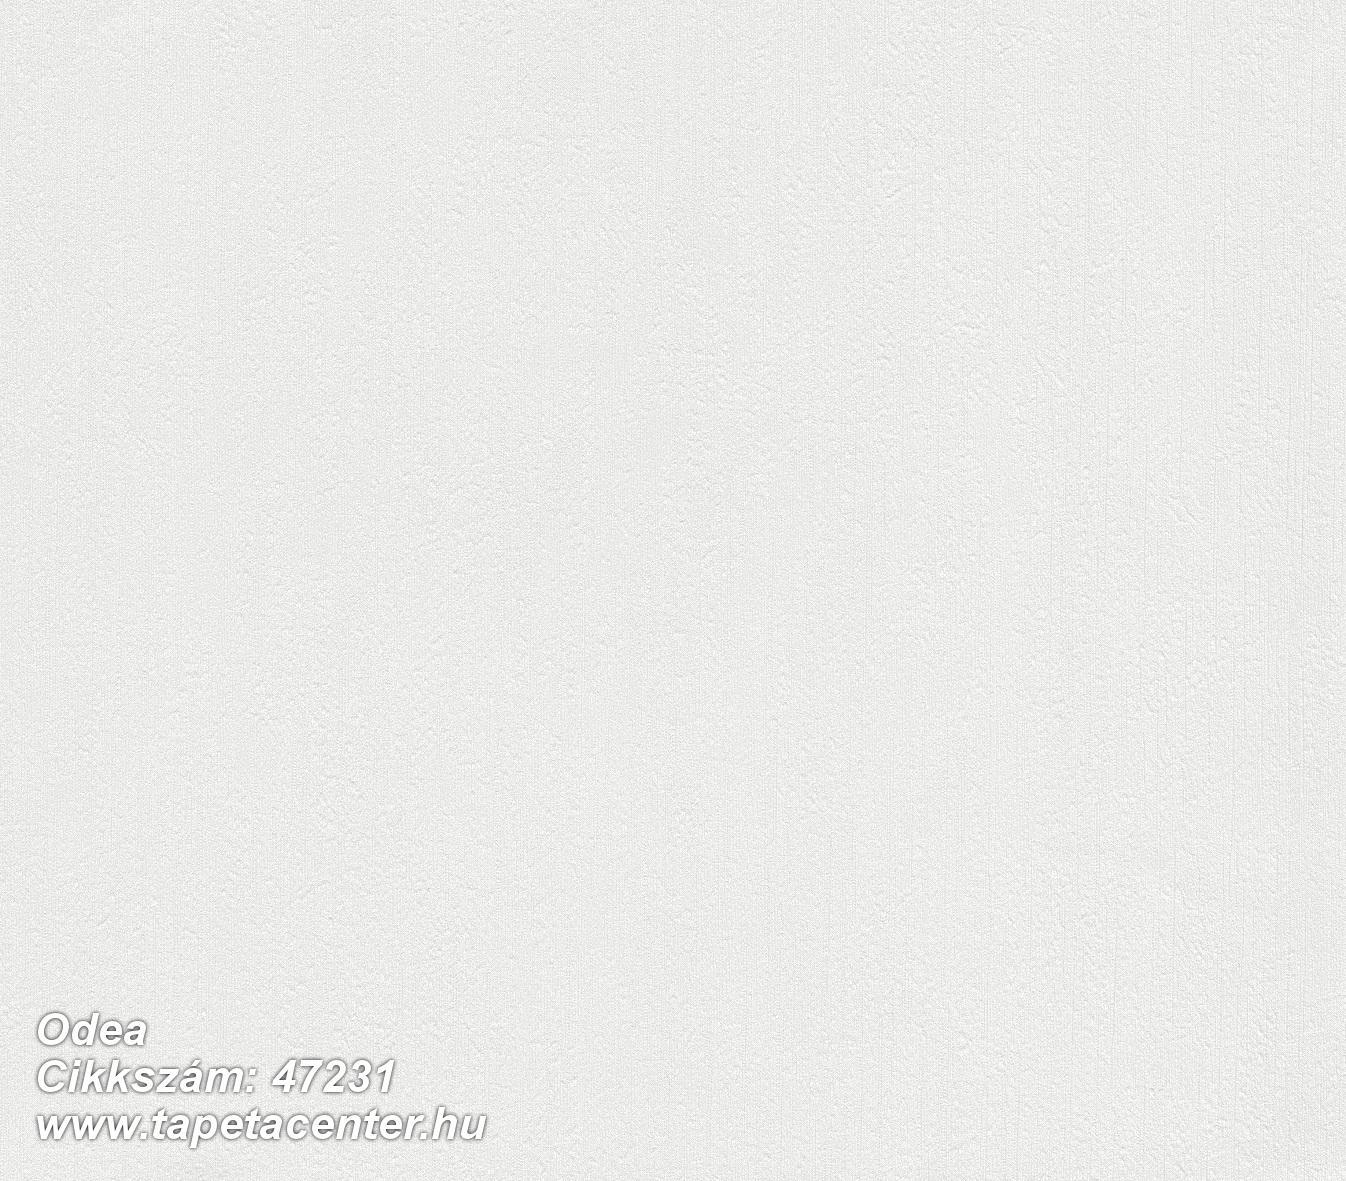 Odea - 47231 Olasz tapéta